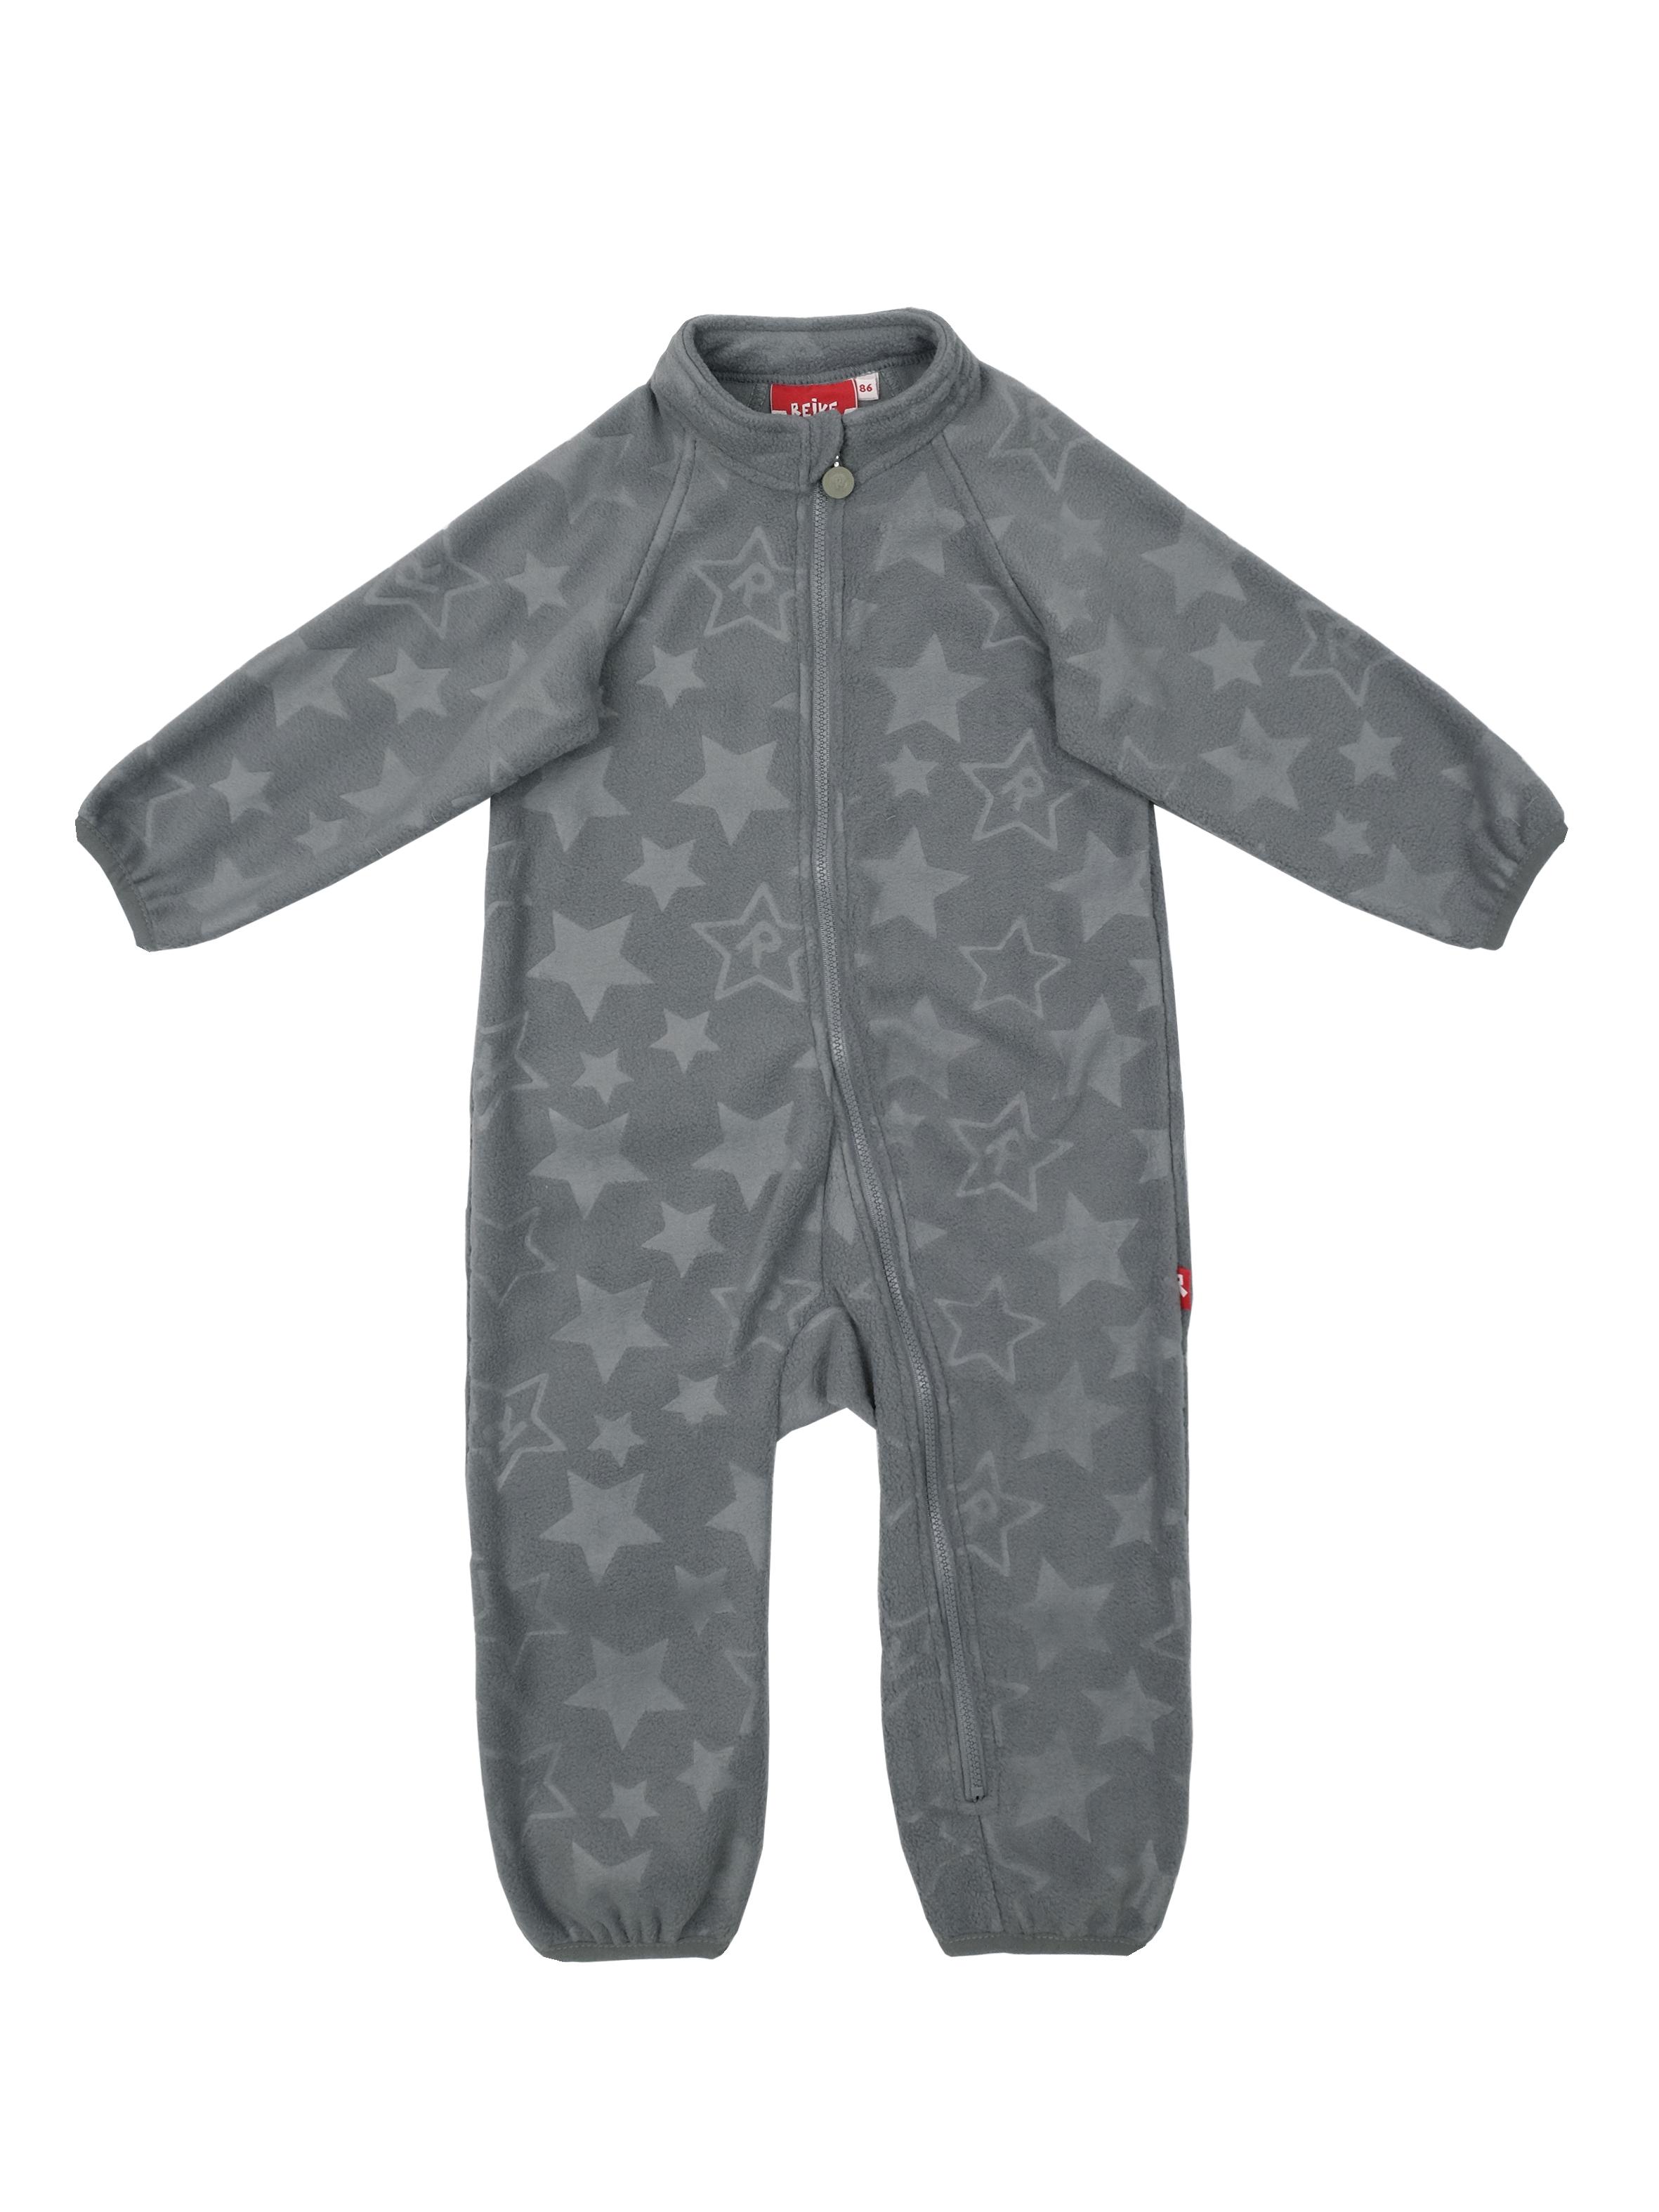 Комбинезон детский повседневный Reike WL 86 grey